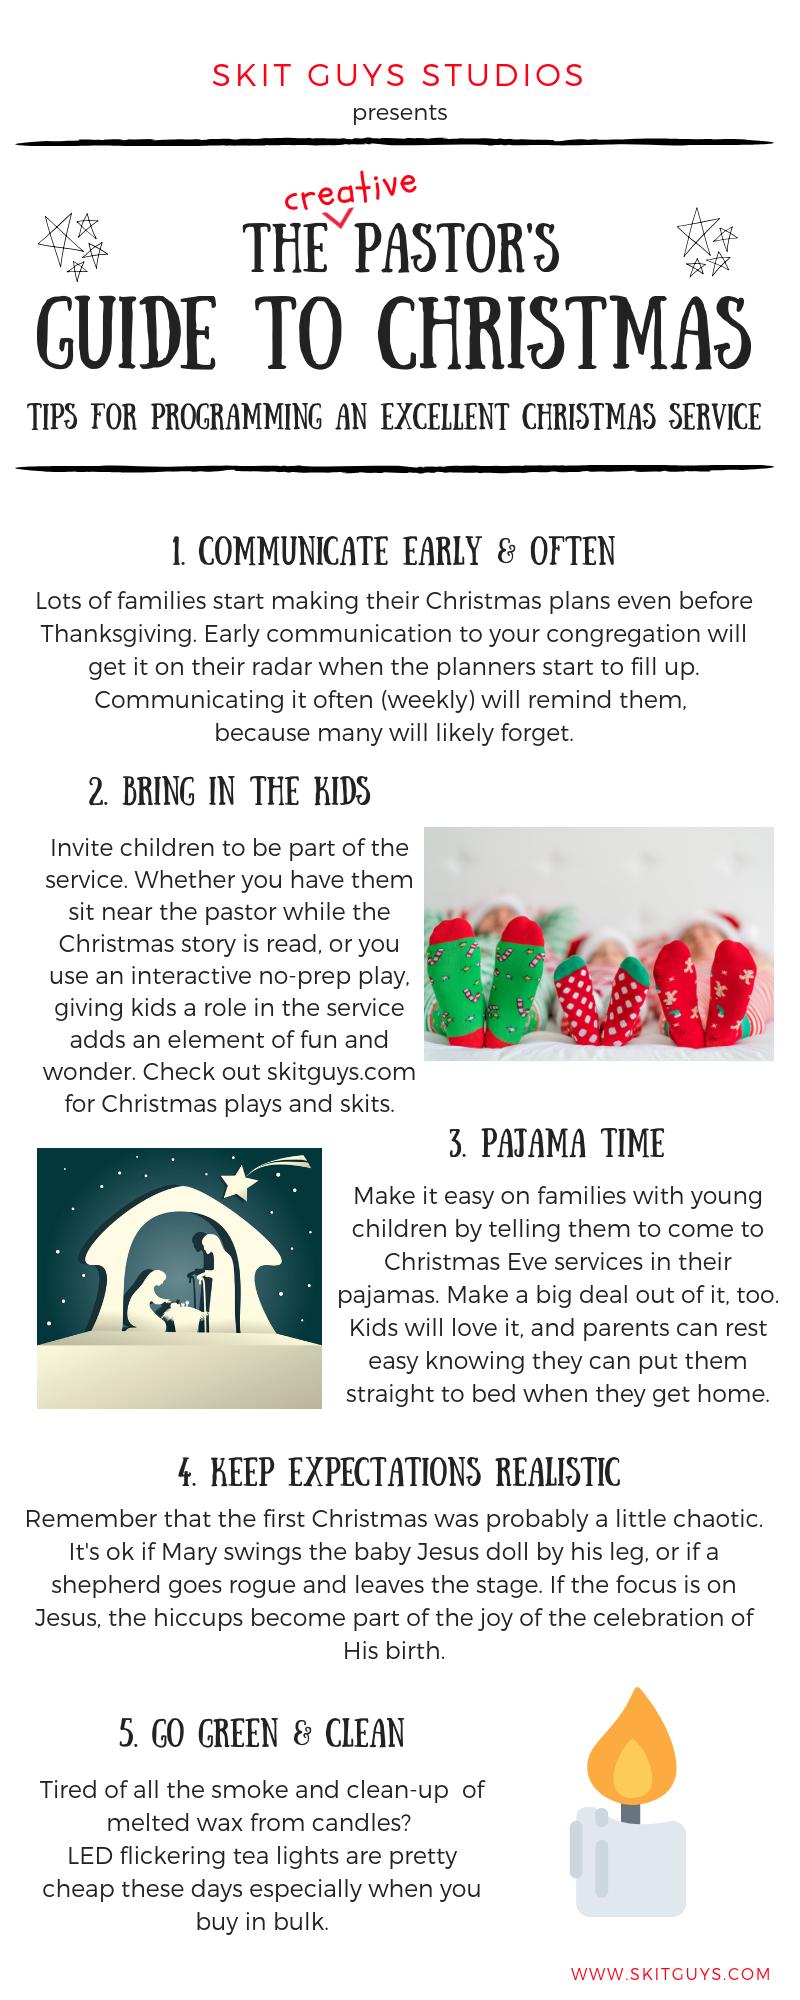 Christmas Tips Infographic